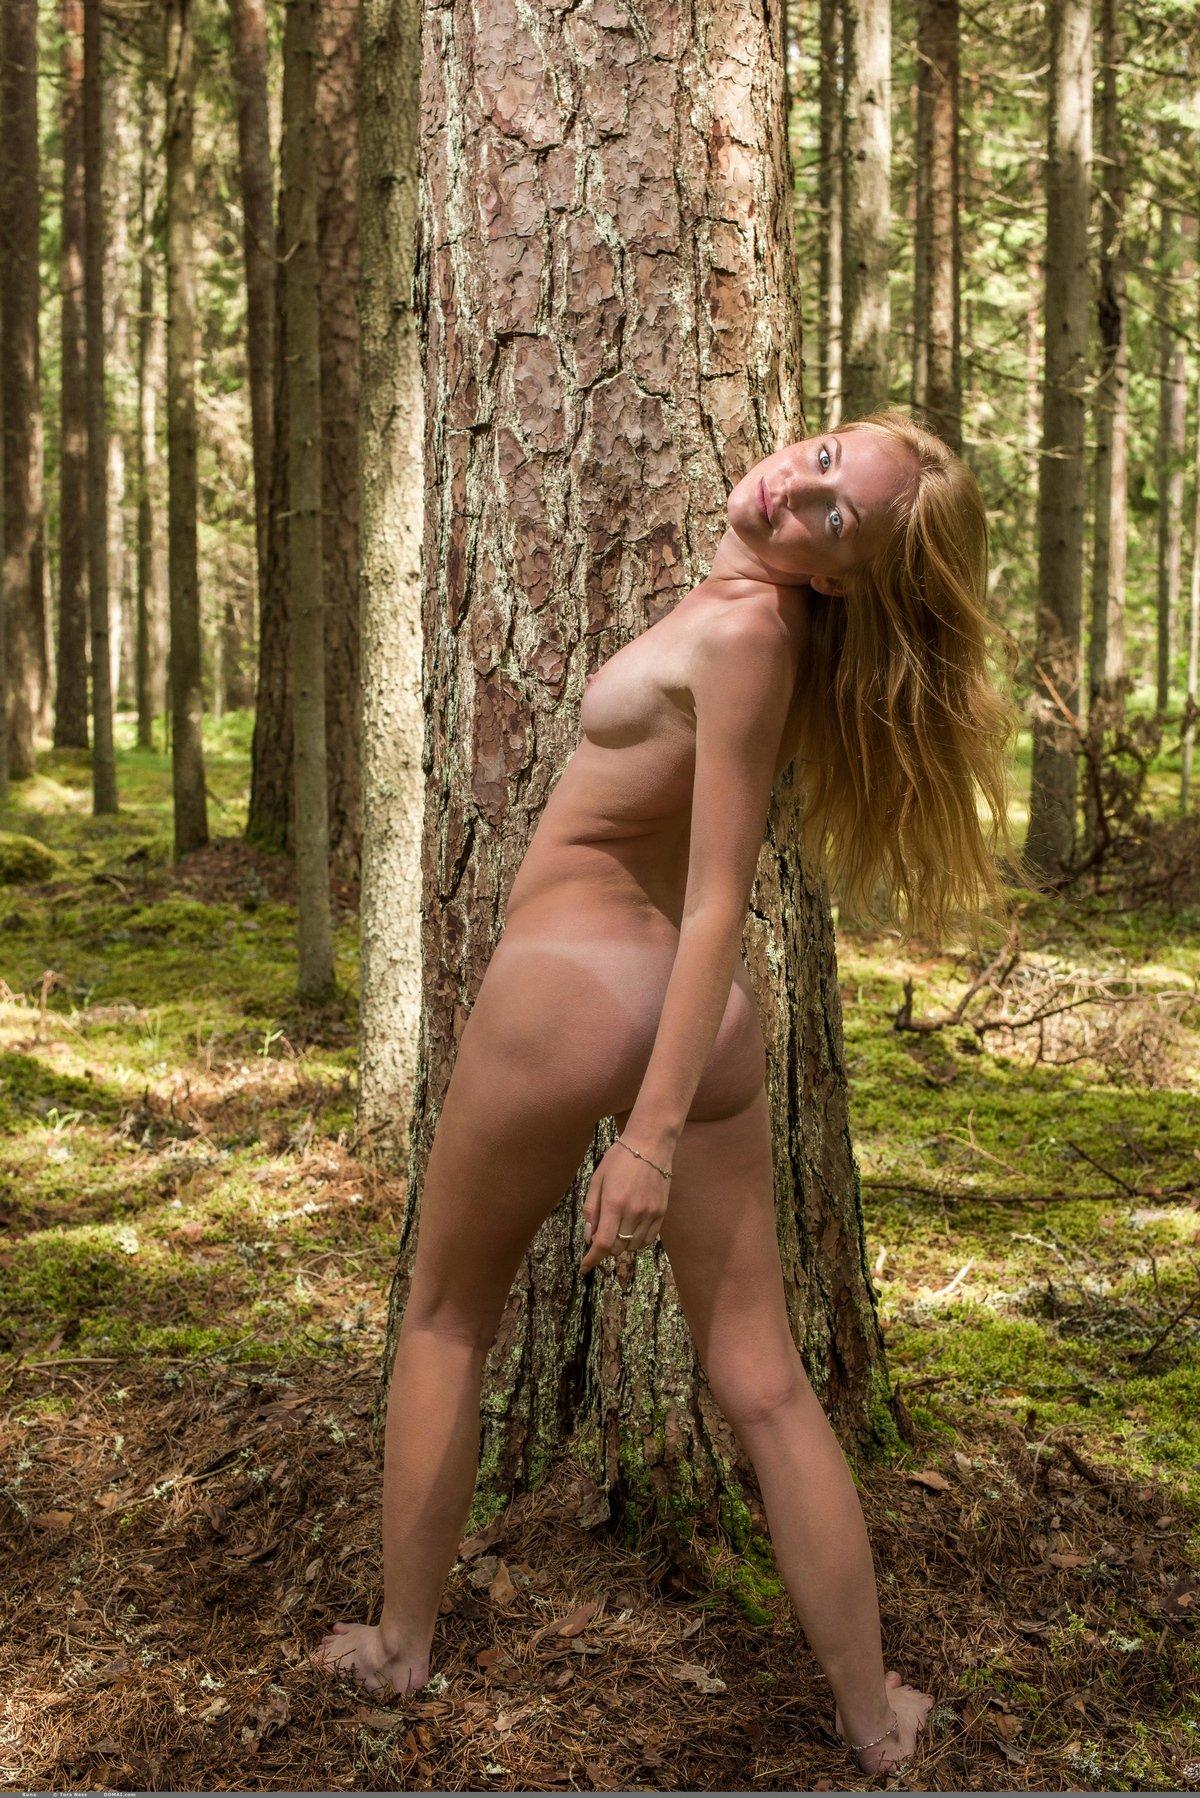 Нежная обнаженная блондинка на природе секс фото